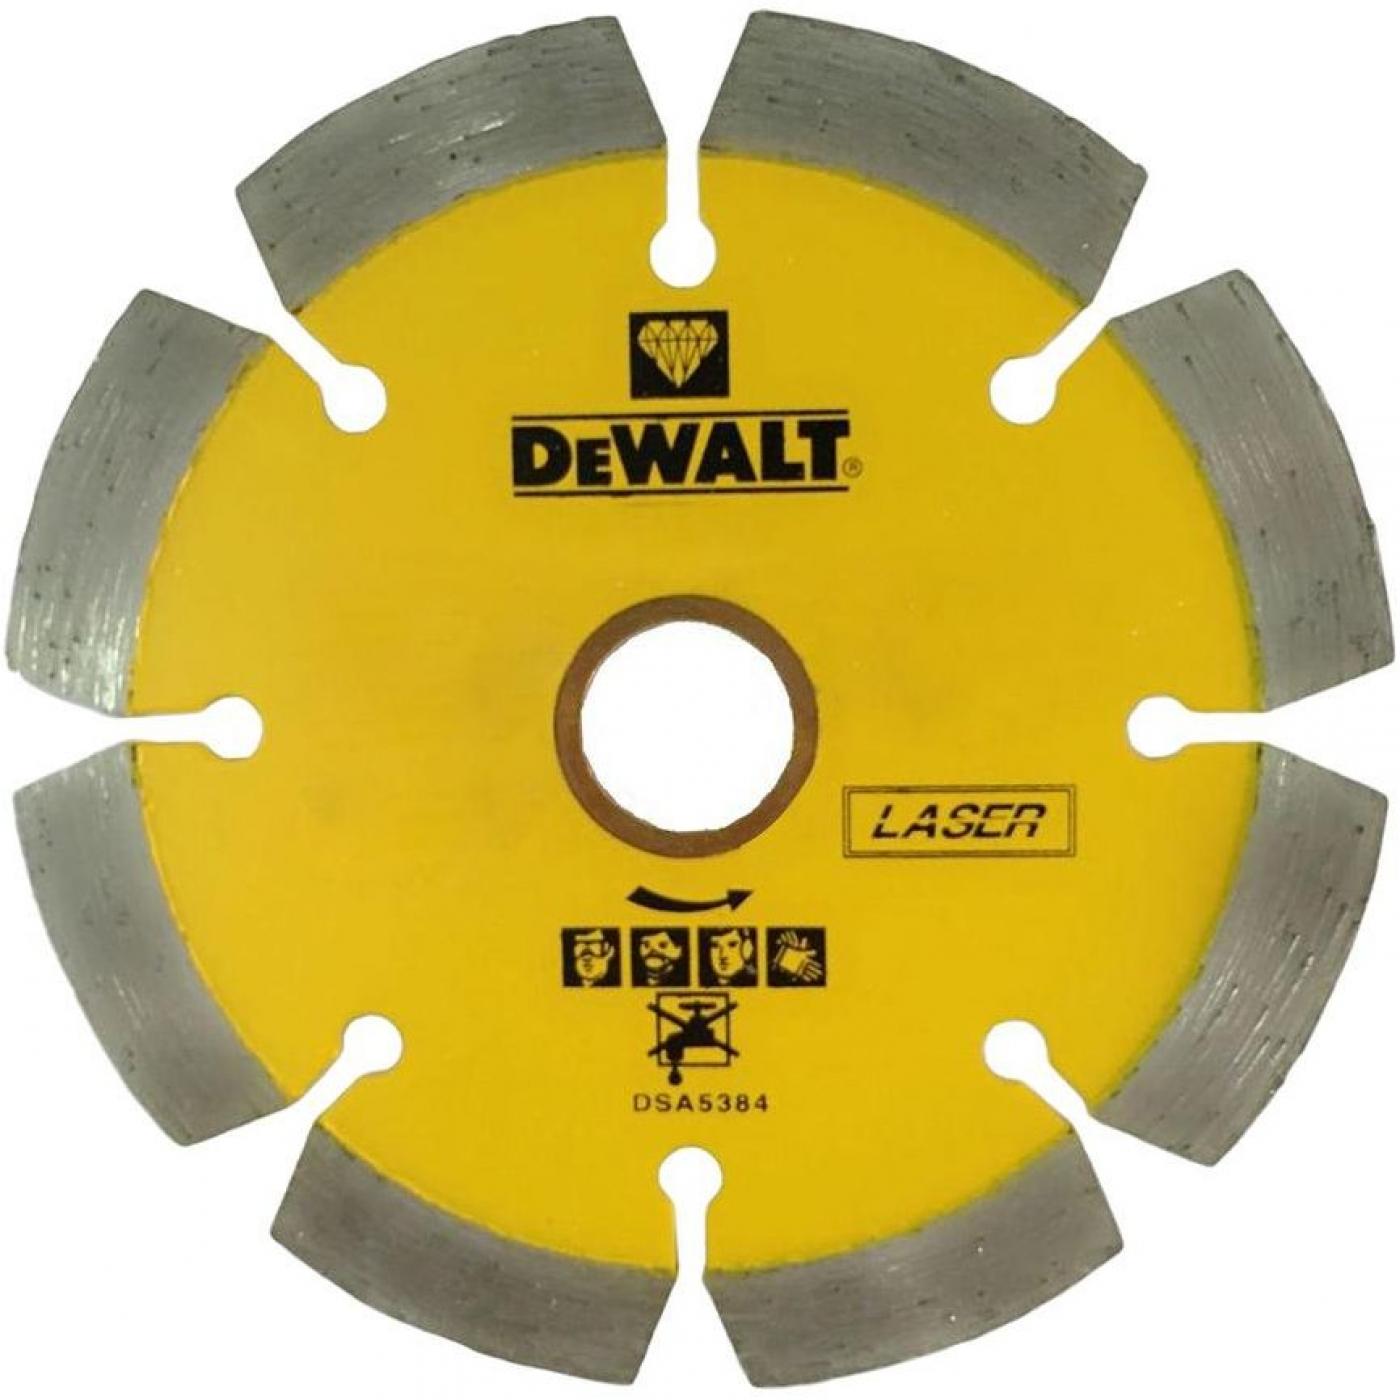 DeWalt DX3761 Concrete Laser Blade